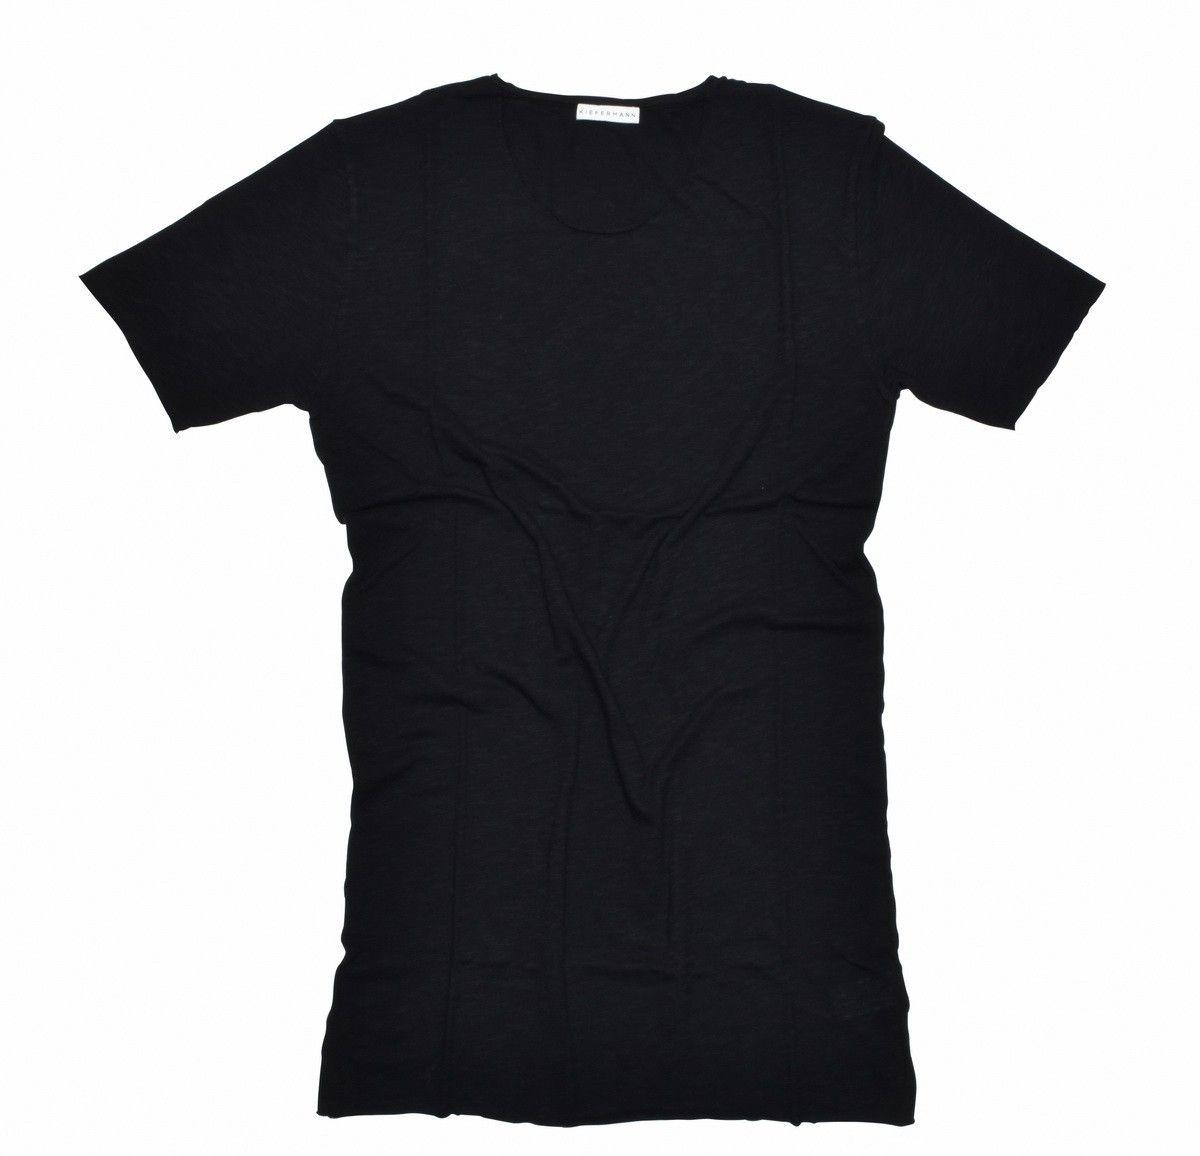 KIEFERMANN - Herren T-Shirt Eddie - Black